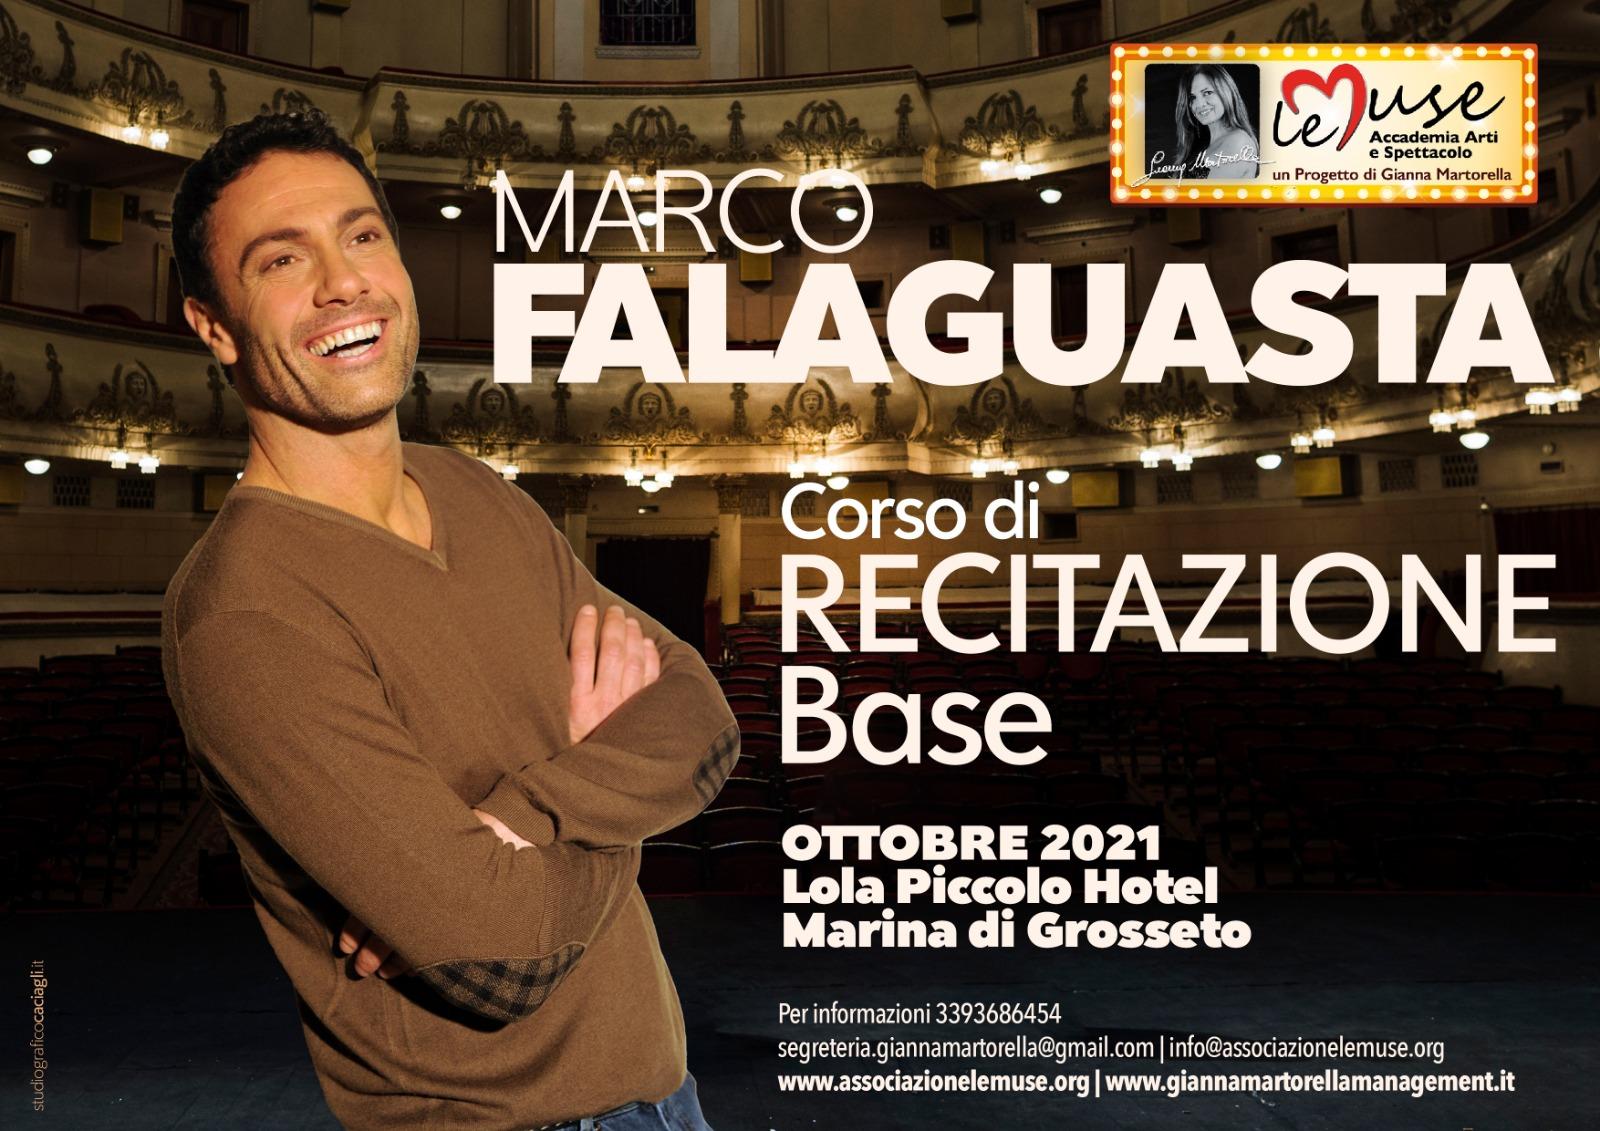 Corso di recitazione base con Marco Falaguasta